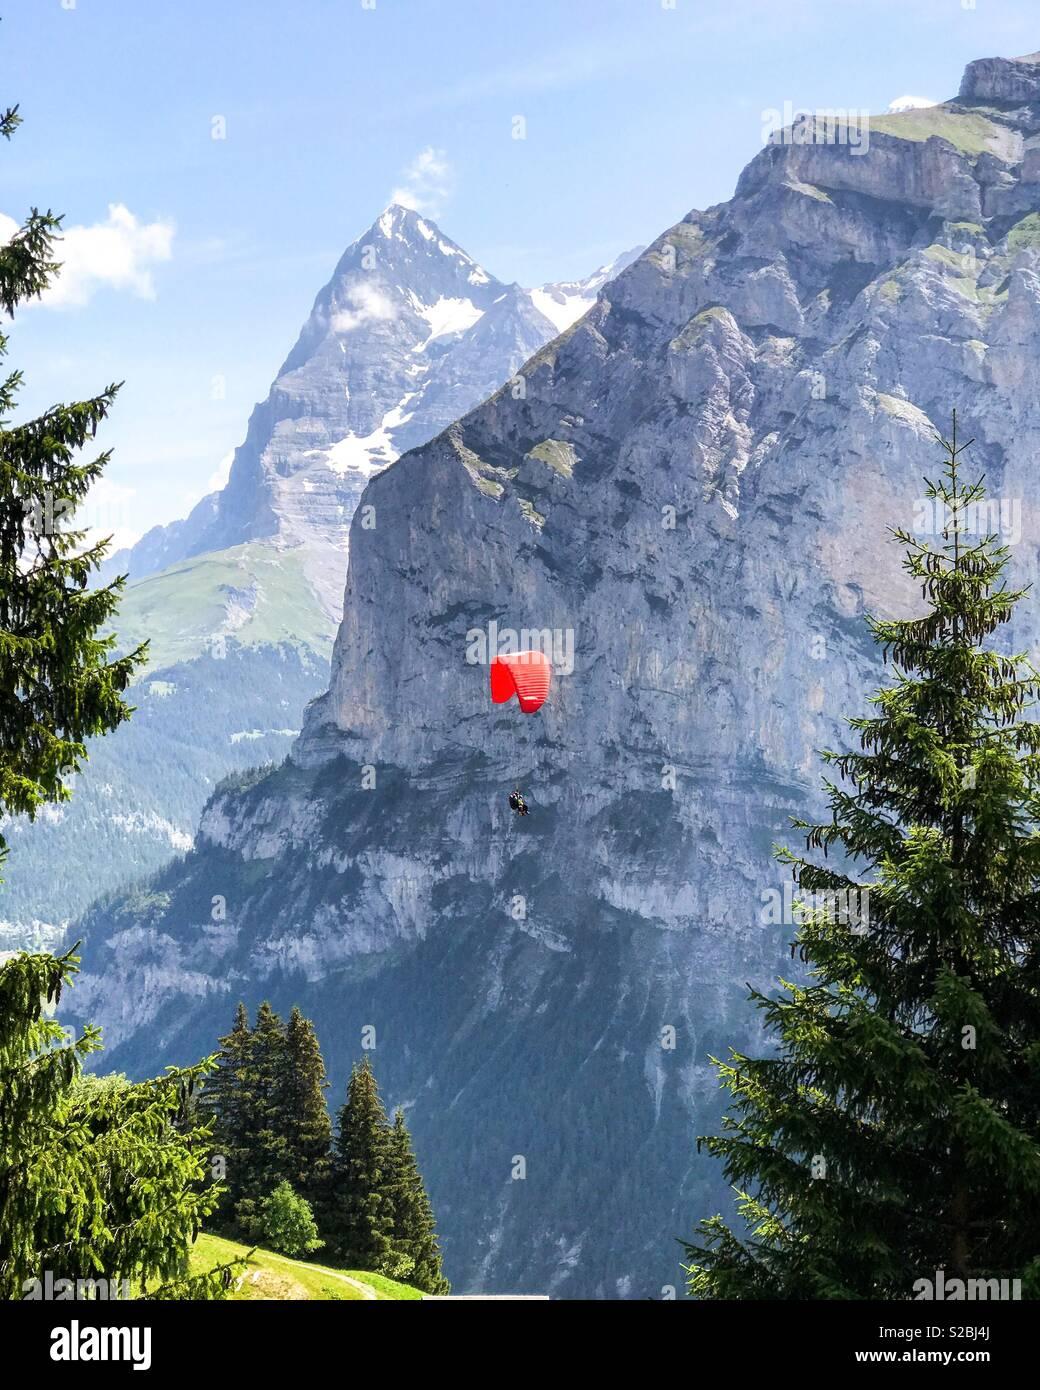 Switzerland paragliding - Stock Image